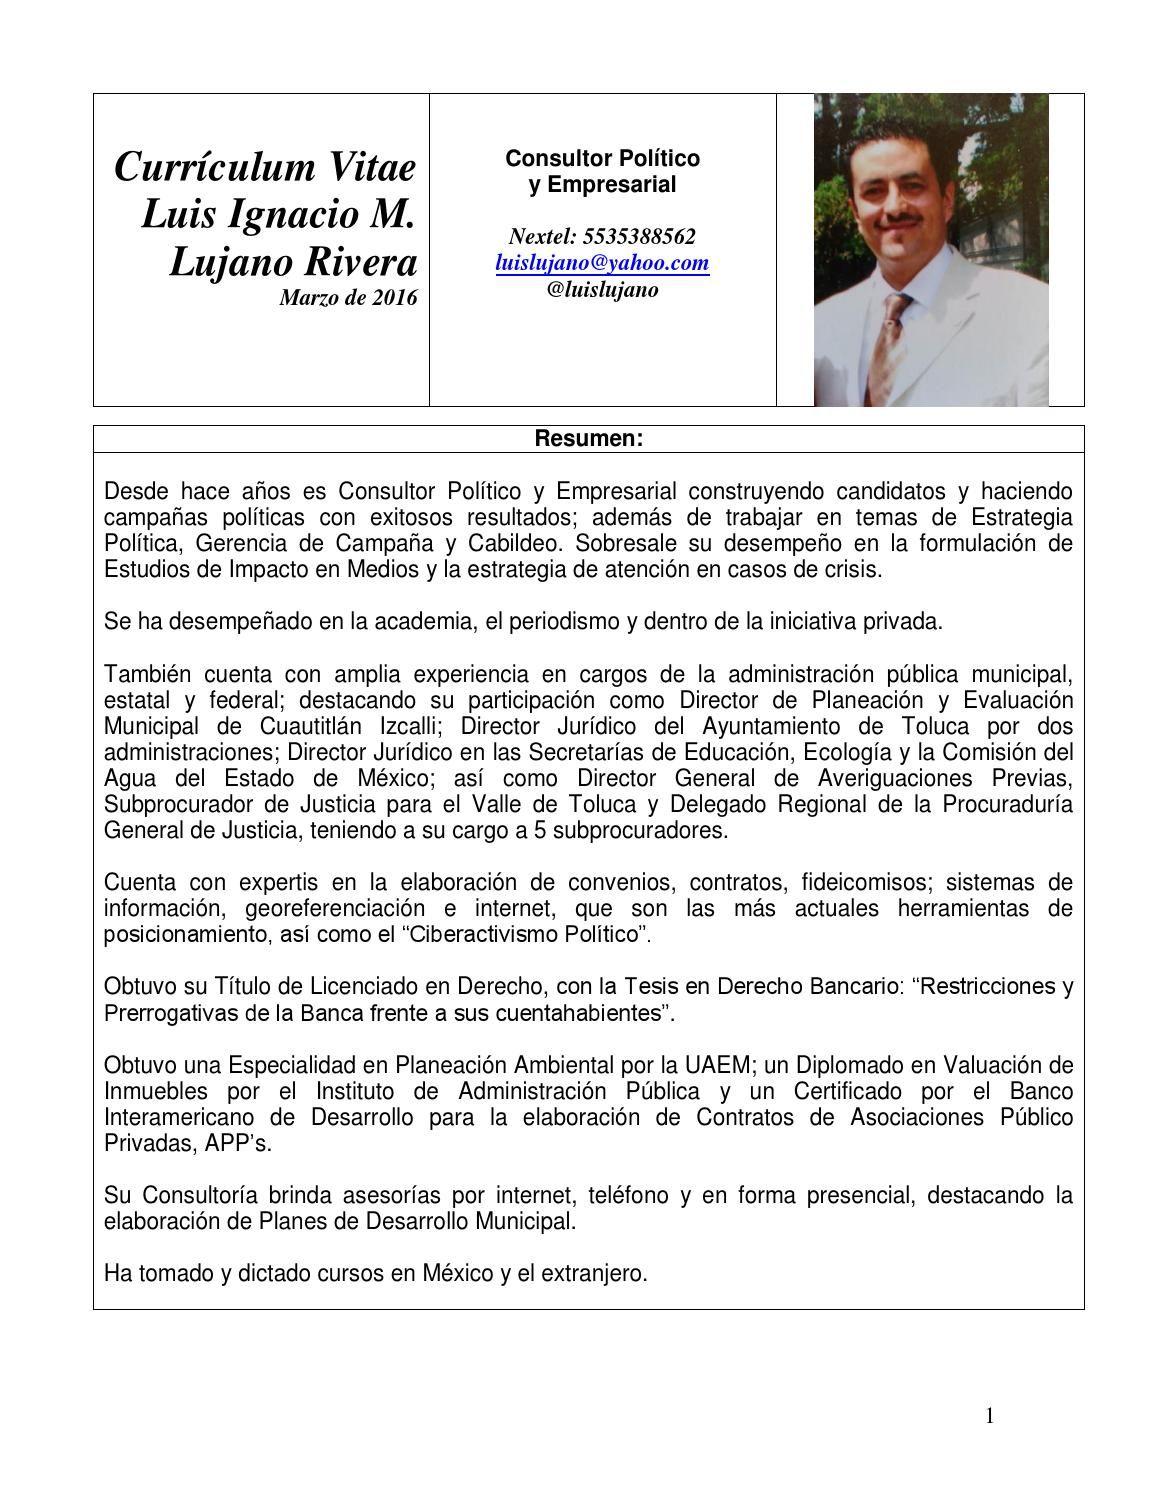 Luis Ignacio Lujano Rivera Currículum Vitae Mzo 2016 Formato BUAP ...